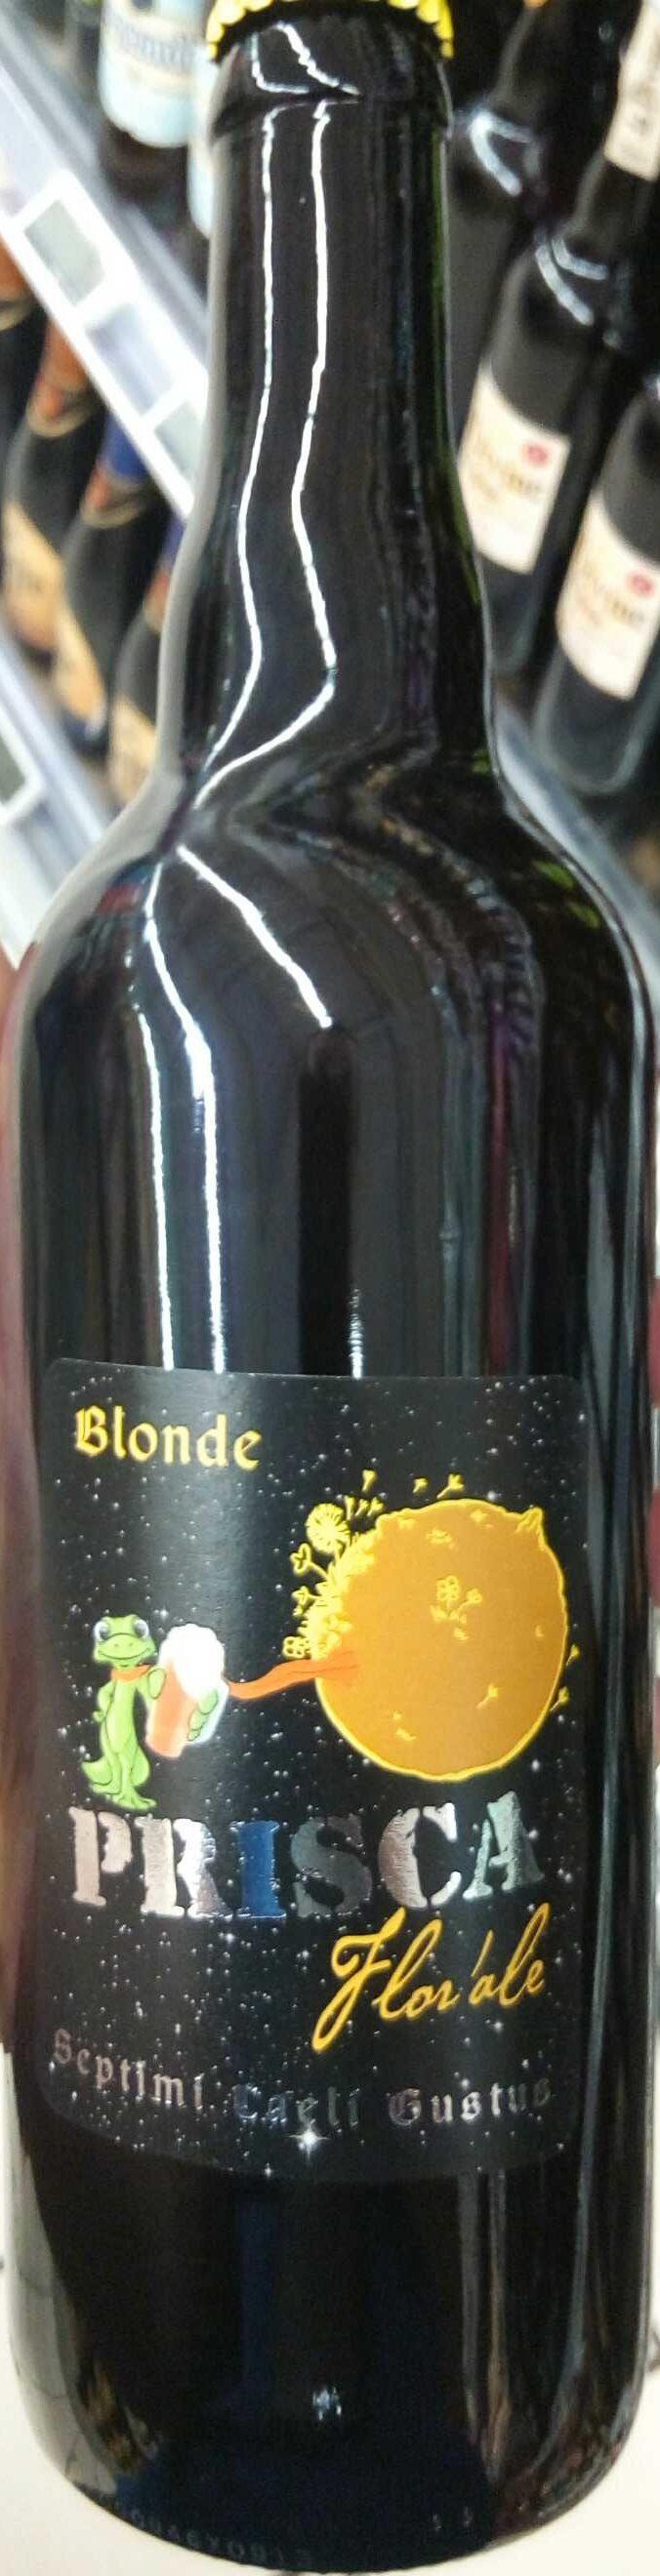 Prisca Blonde Florale - Produit